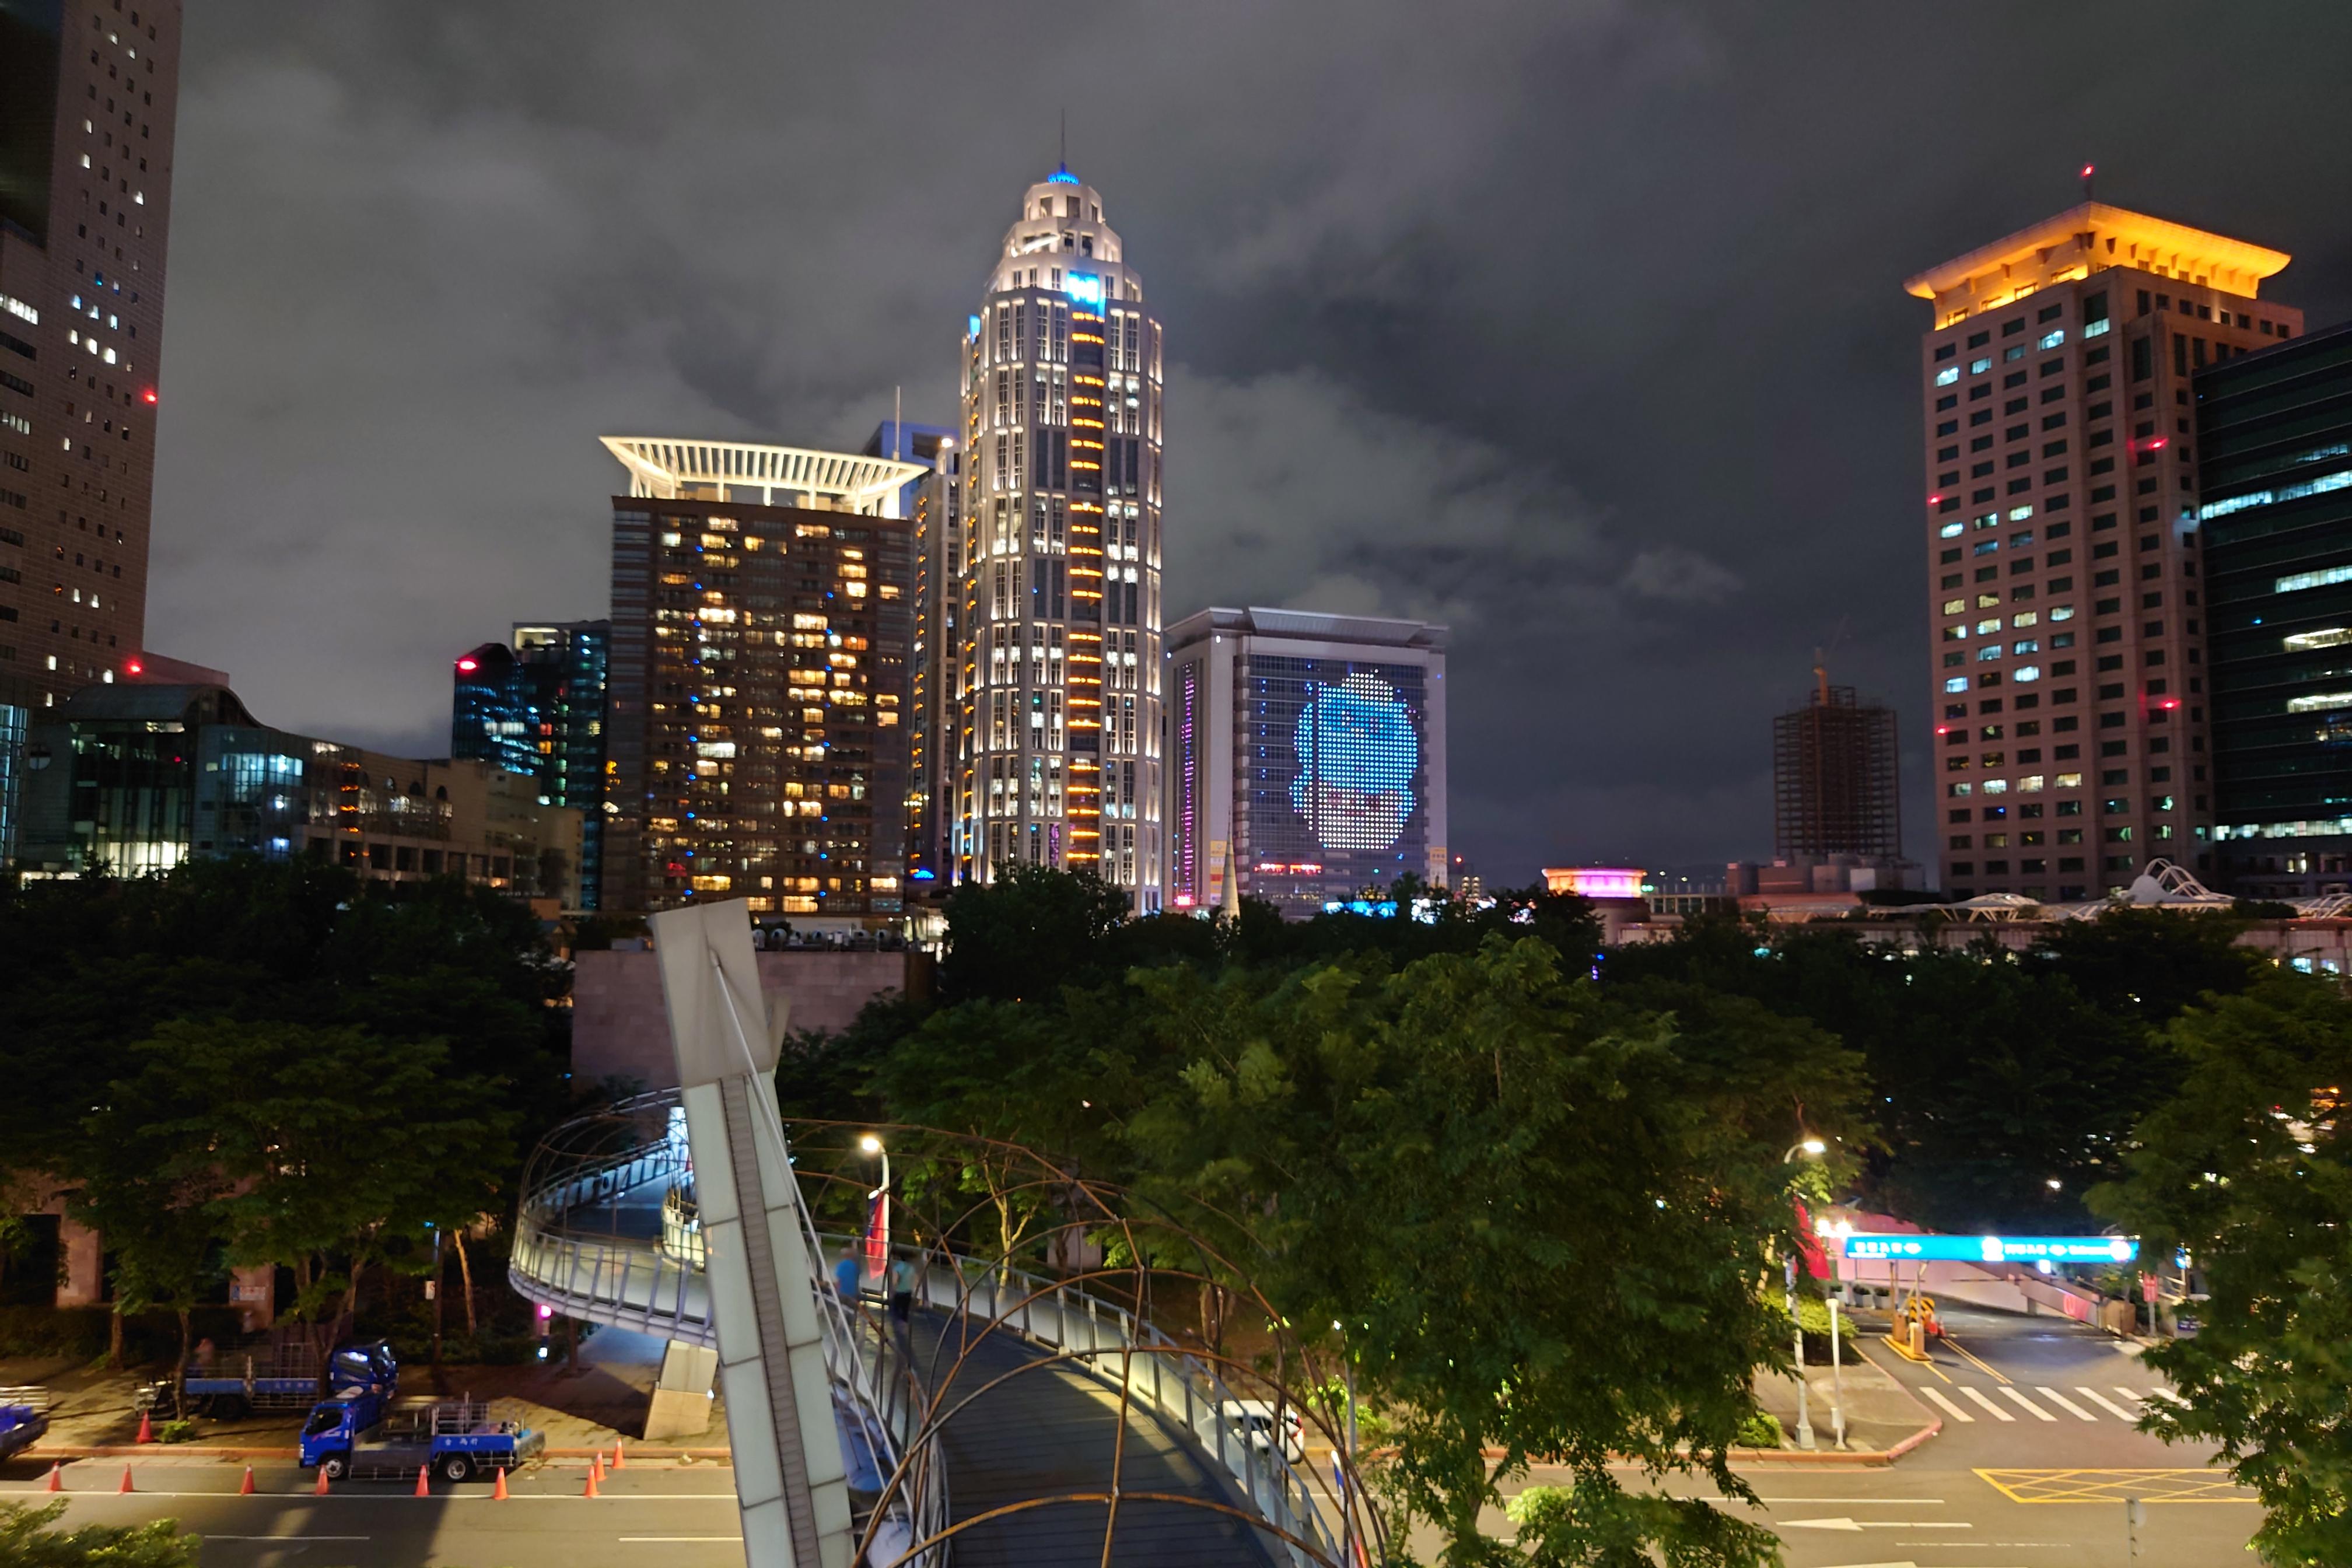 Photo Pro:Auto 偵測夜景模式 - 24mm鏡頭